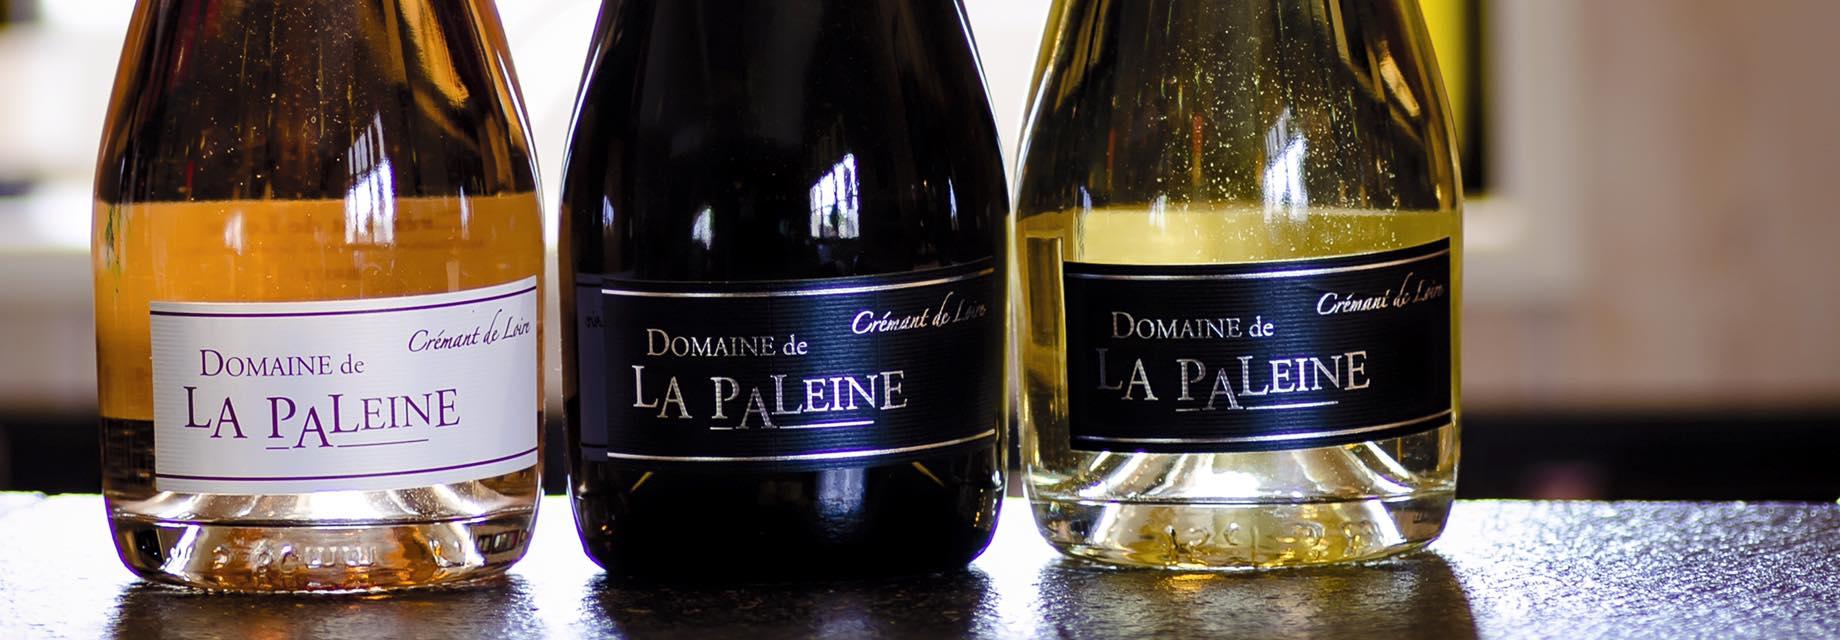 Adhérent DOMAINE DE LA PALEINE  - photo #6377